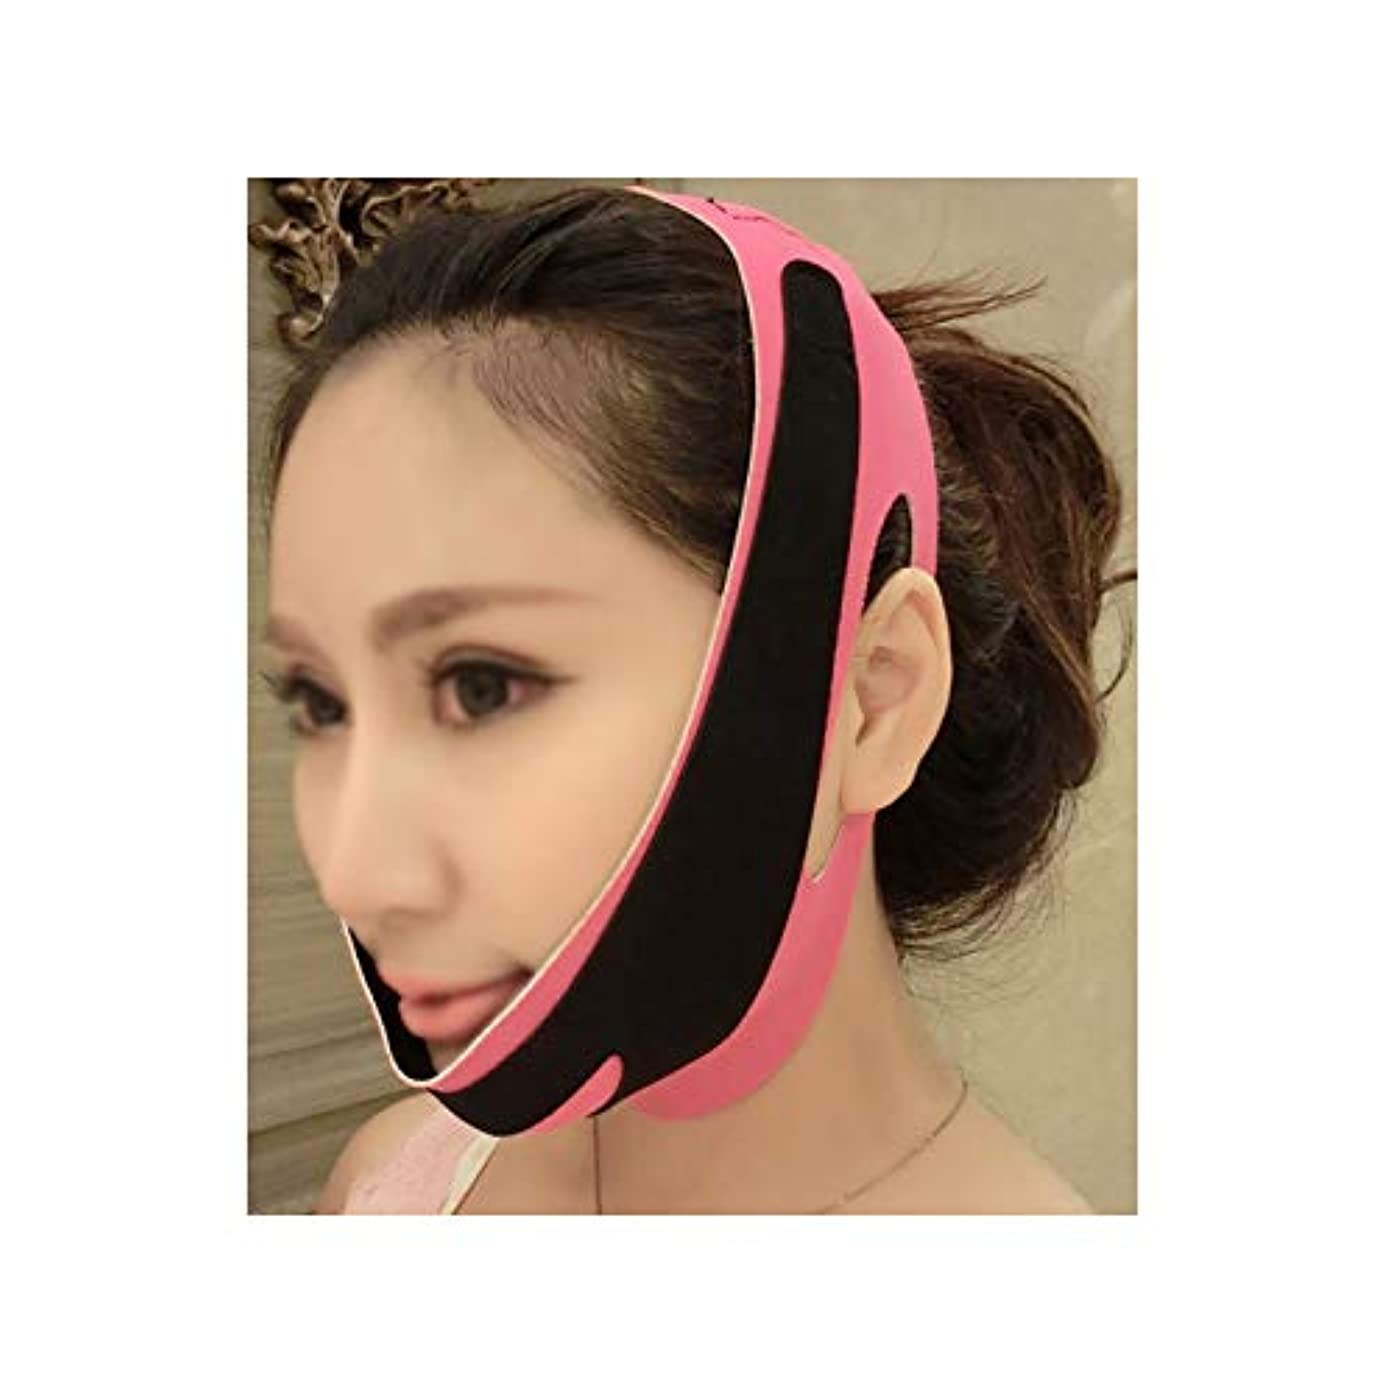 精通した透過性クラフトTLMY 二重あごを取り除くために顔を持ち上げる包帯顔スリムVラインの顔の形のあごの頬を持ち上げる抗しわリフトベルトフェイシャルマッサージツール女性と女の子3顔包帯 顔用整形マスク